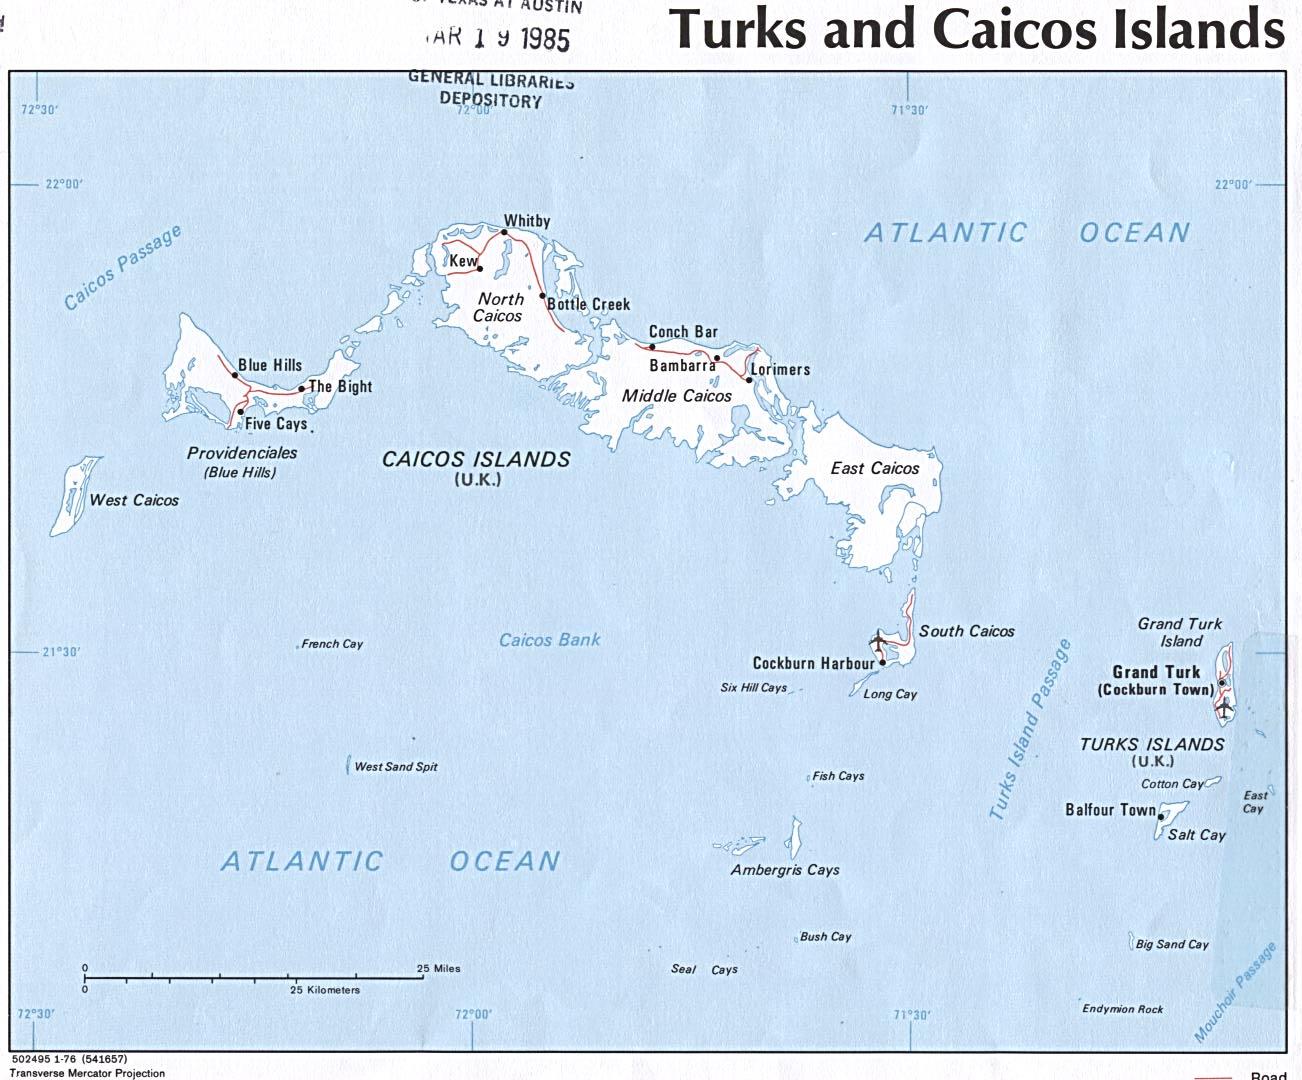 Mapa Político de las Islas Turcas y Caicos